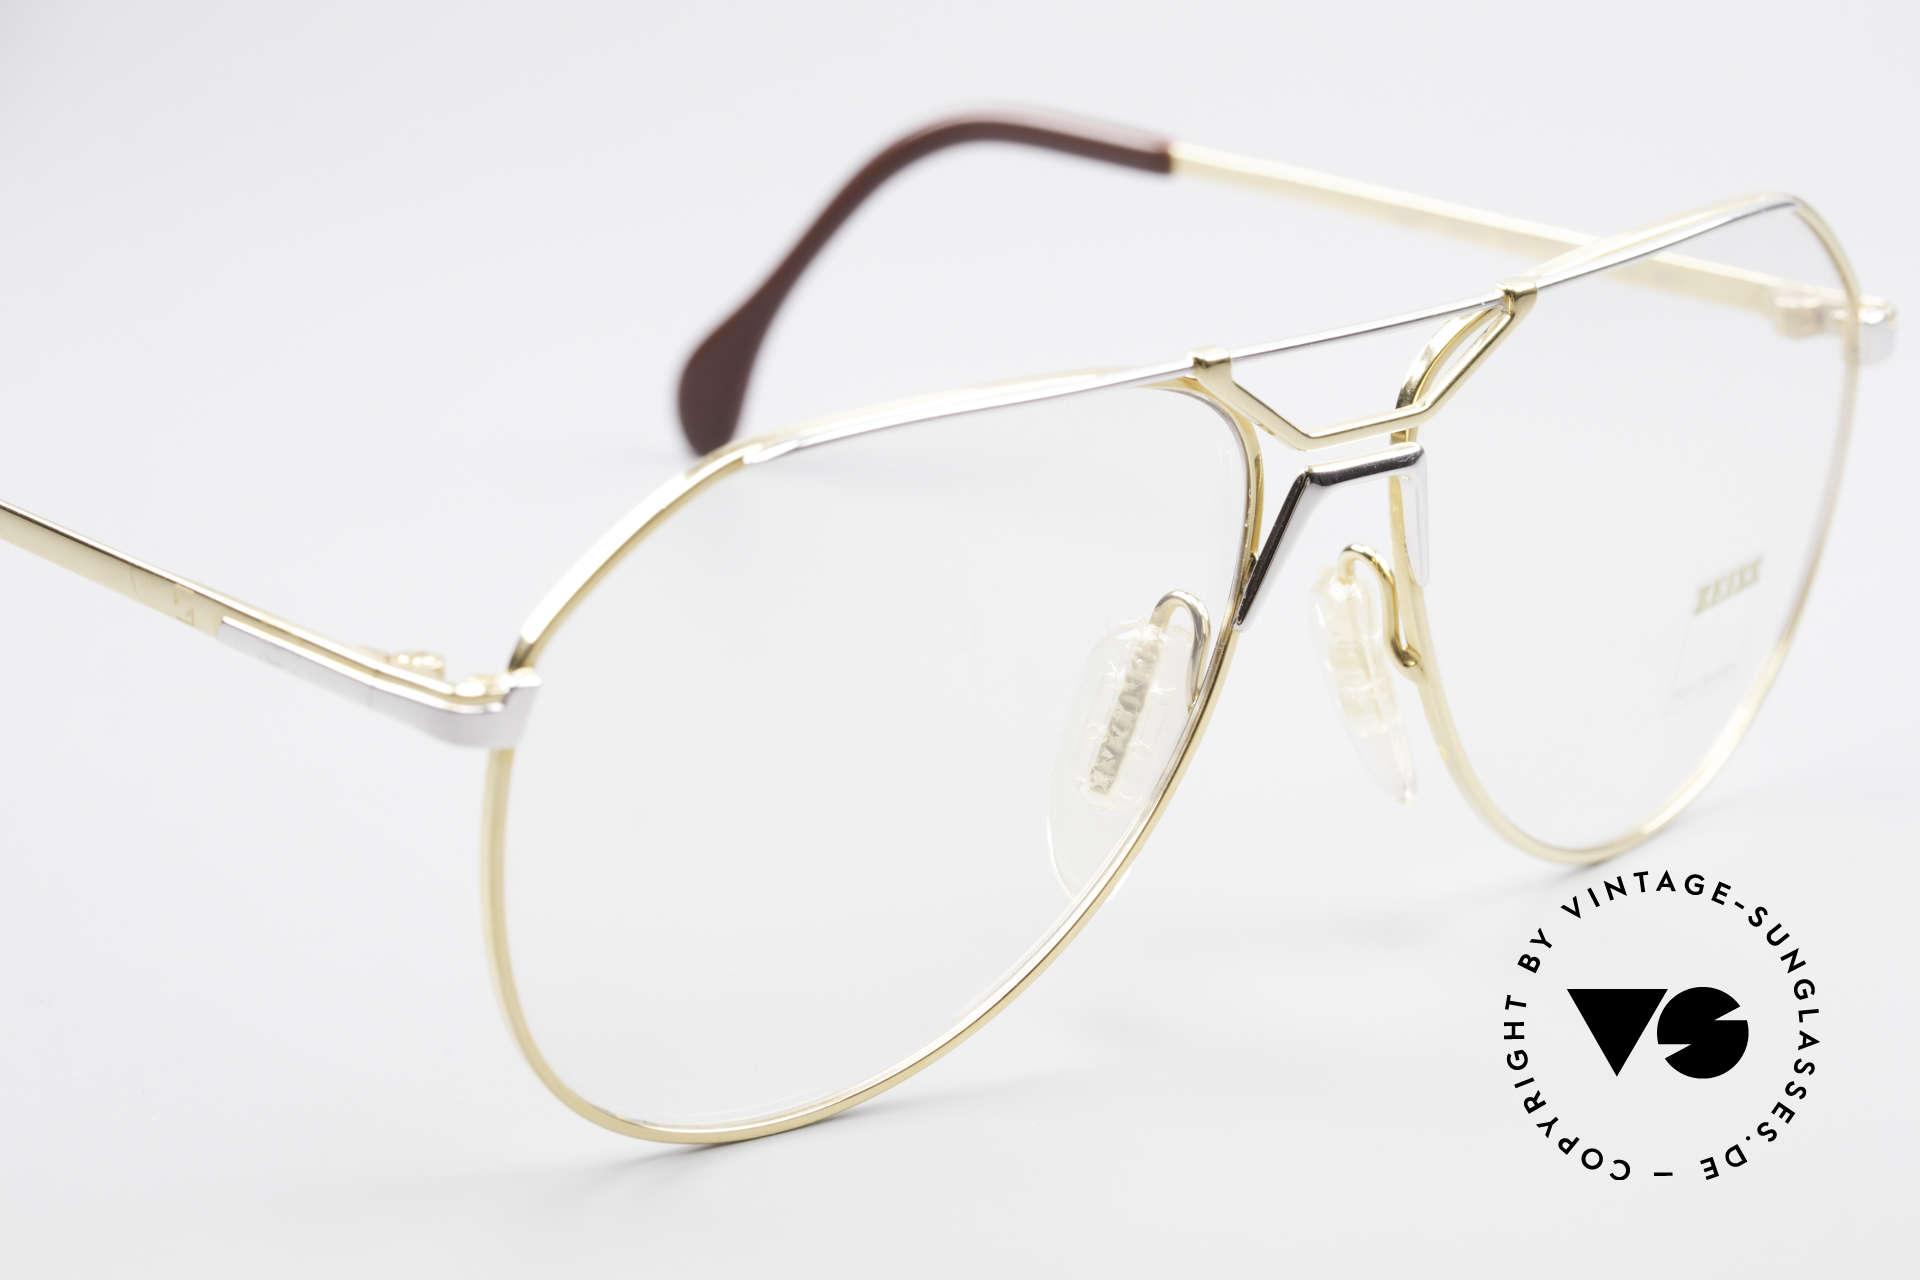 Zeiss 5897 West Germany Qualitätsbrille, ungetragen (wie alle unsere alten Brillen von ZEISS), Passend für Herren